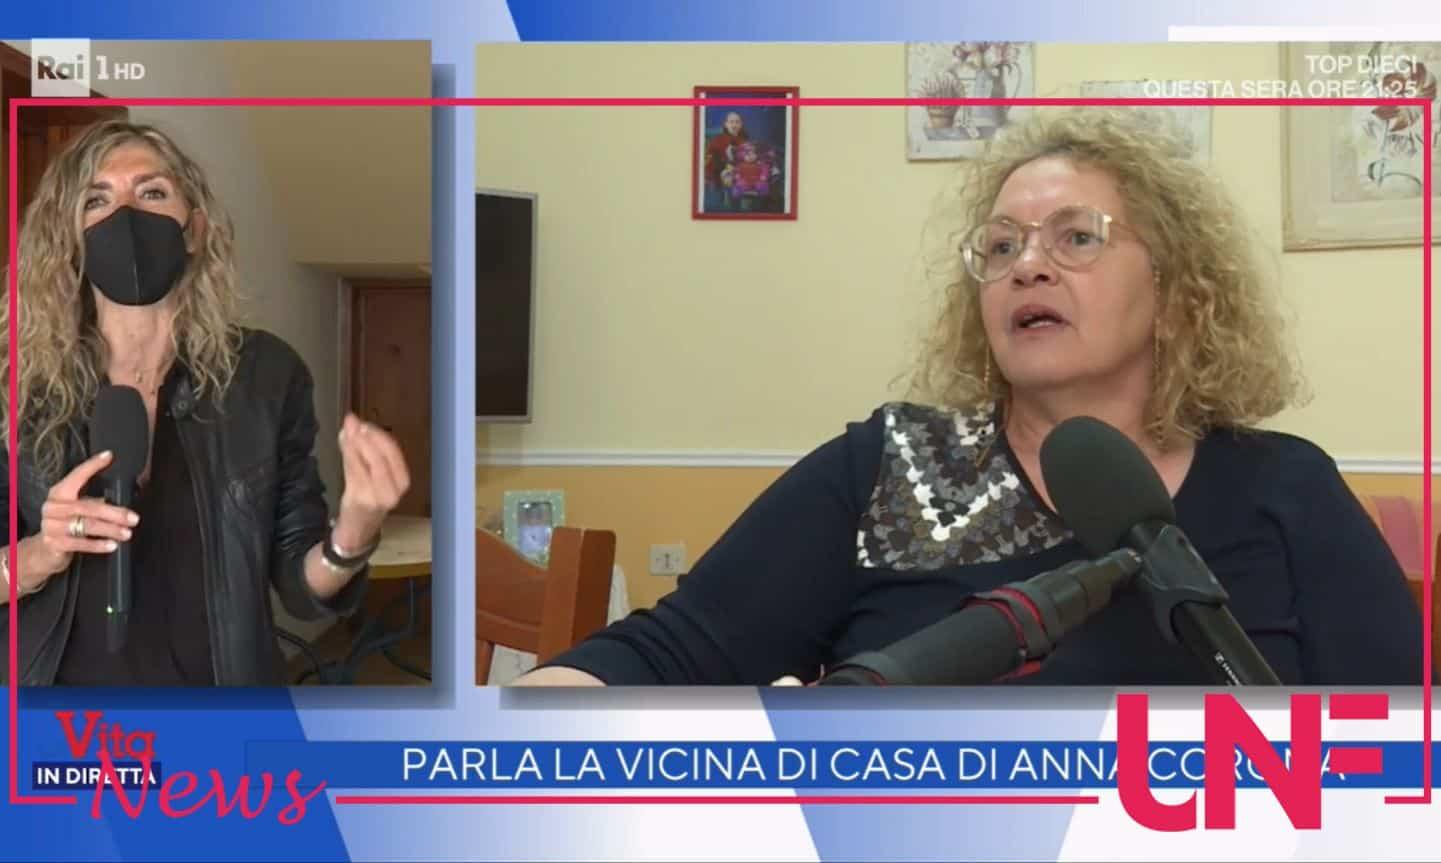 """La vicina di casa di Anna Corona: """"Mi dicono complice, assassina, io non c'entro niente"""""""